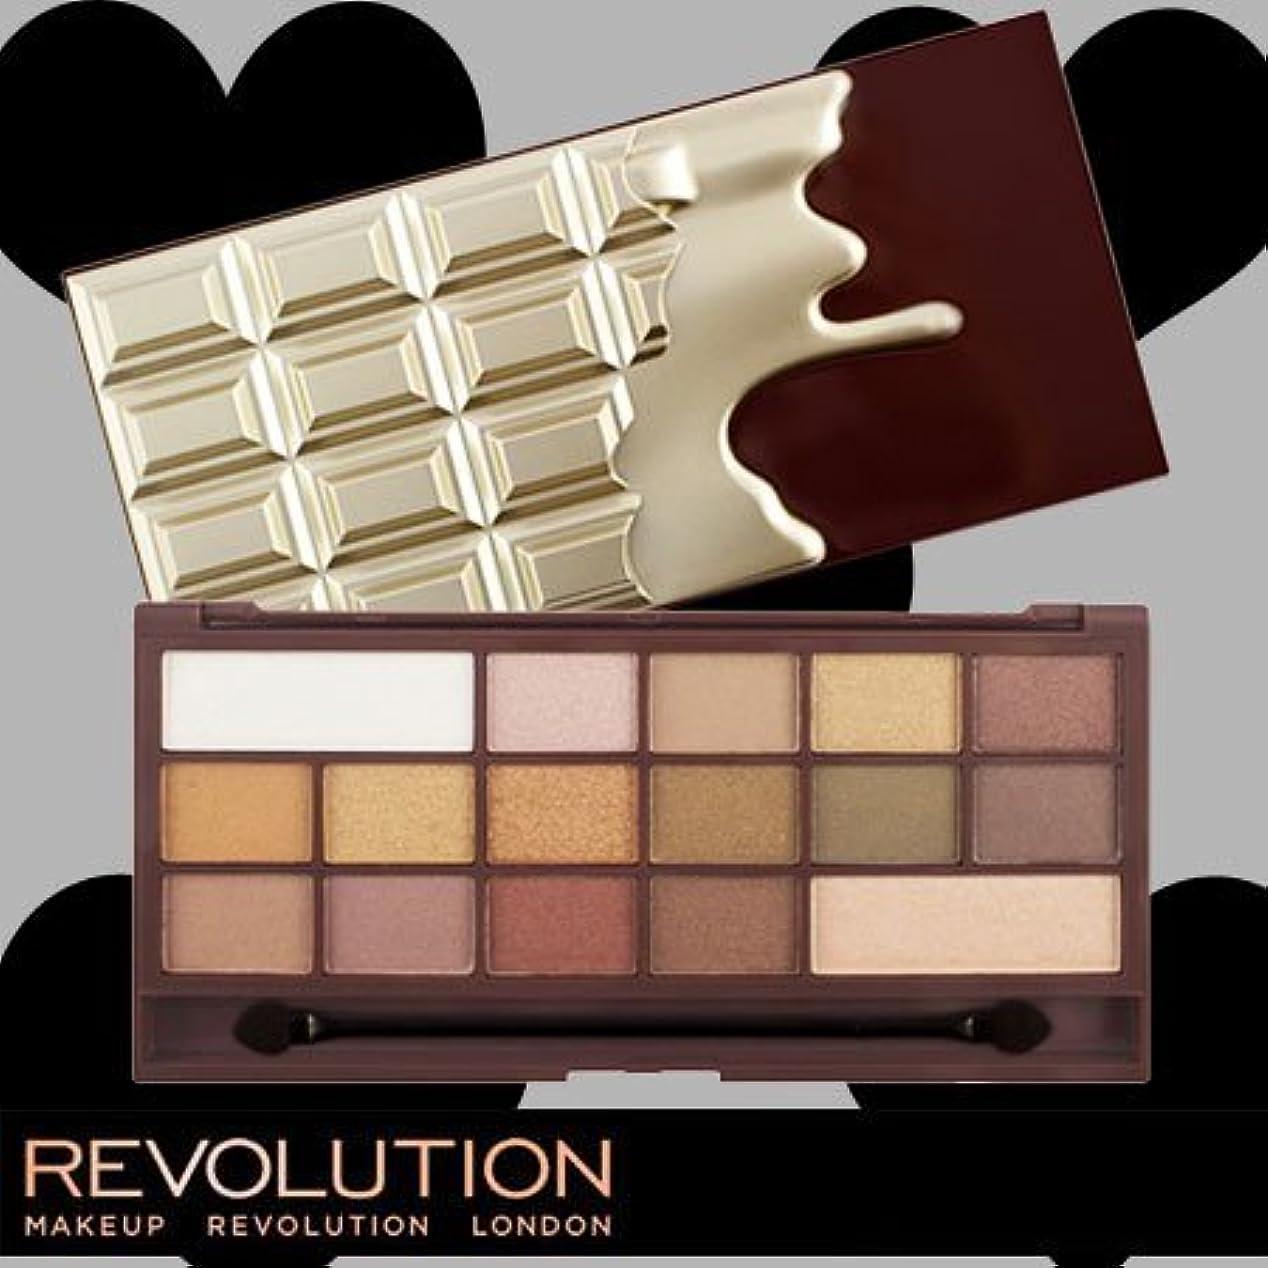 共和国実験的限られたメイクアップレボリューション アイラブメイクアップ アイラブチョコレート #ゴールデンバー 16色アイシャドウパレット -MAKEUP REVOLUTION-